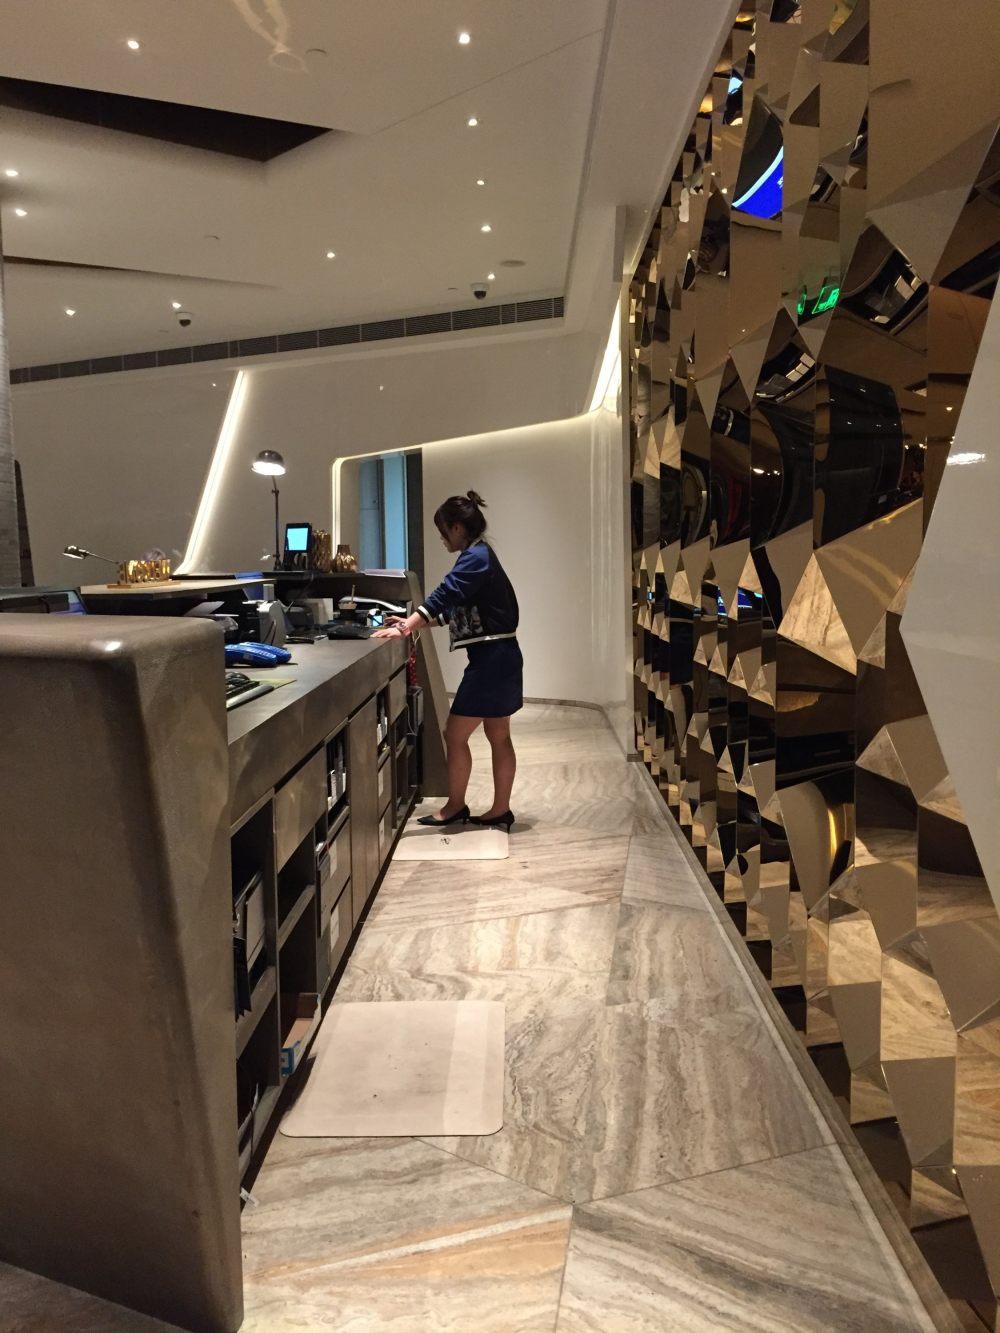 上海外滩W酒店,史上最全入住体验 自拍分享,申请置...._IMG_6181.JPG